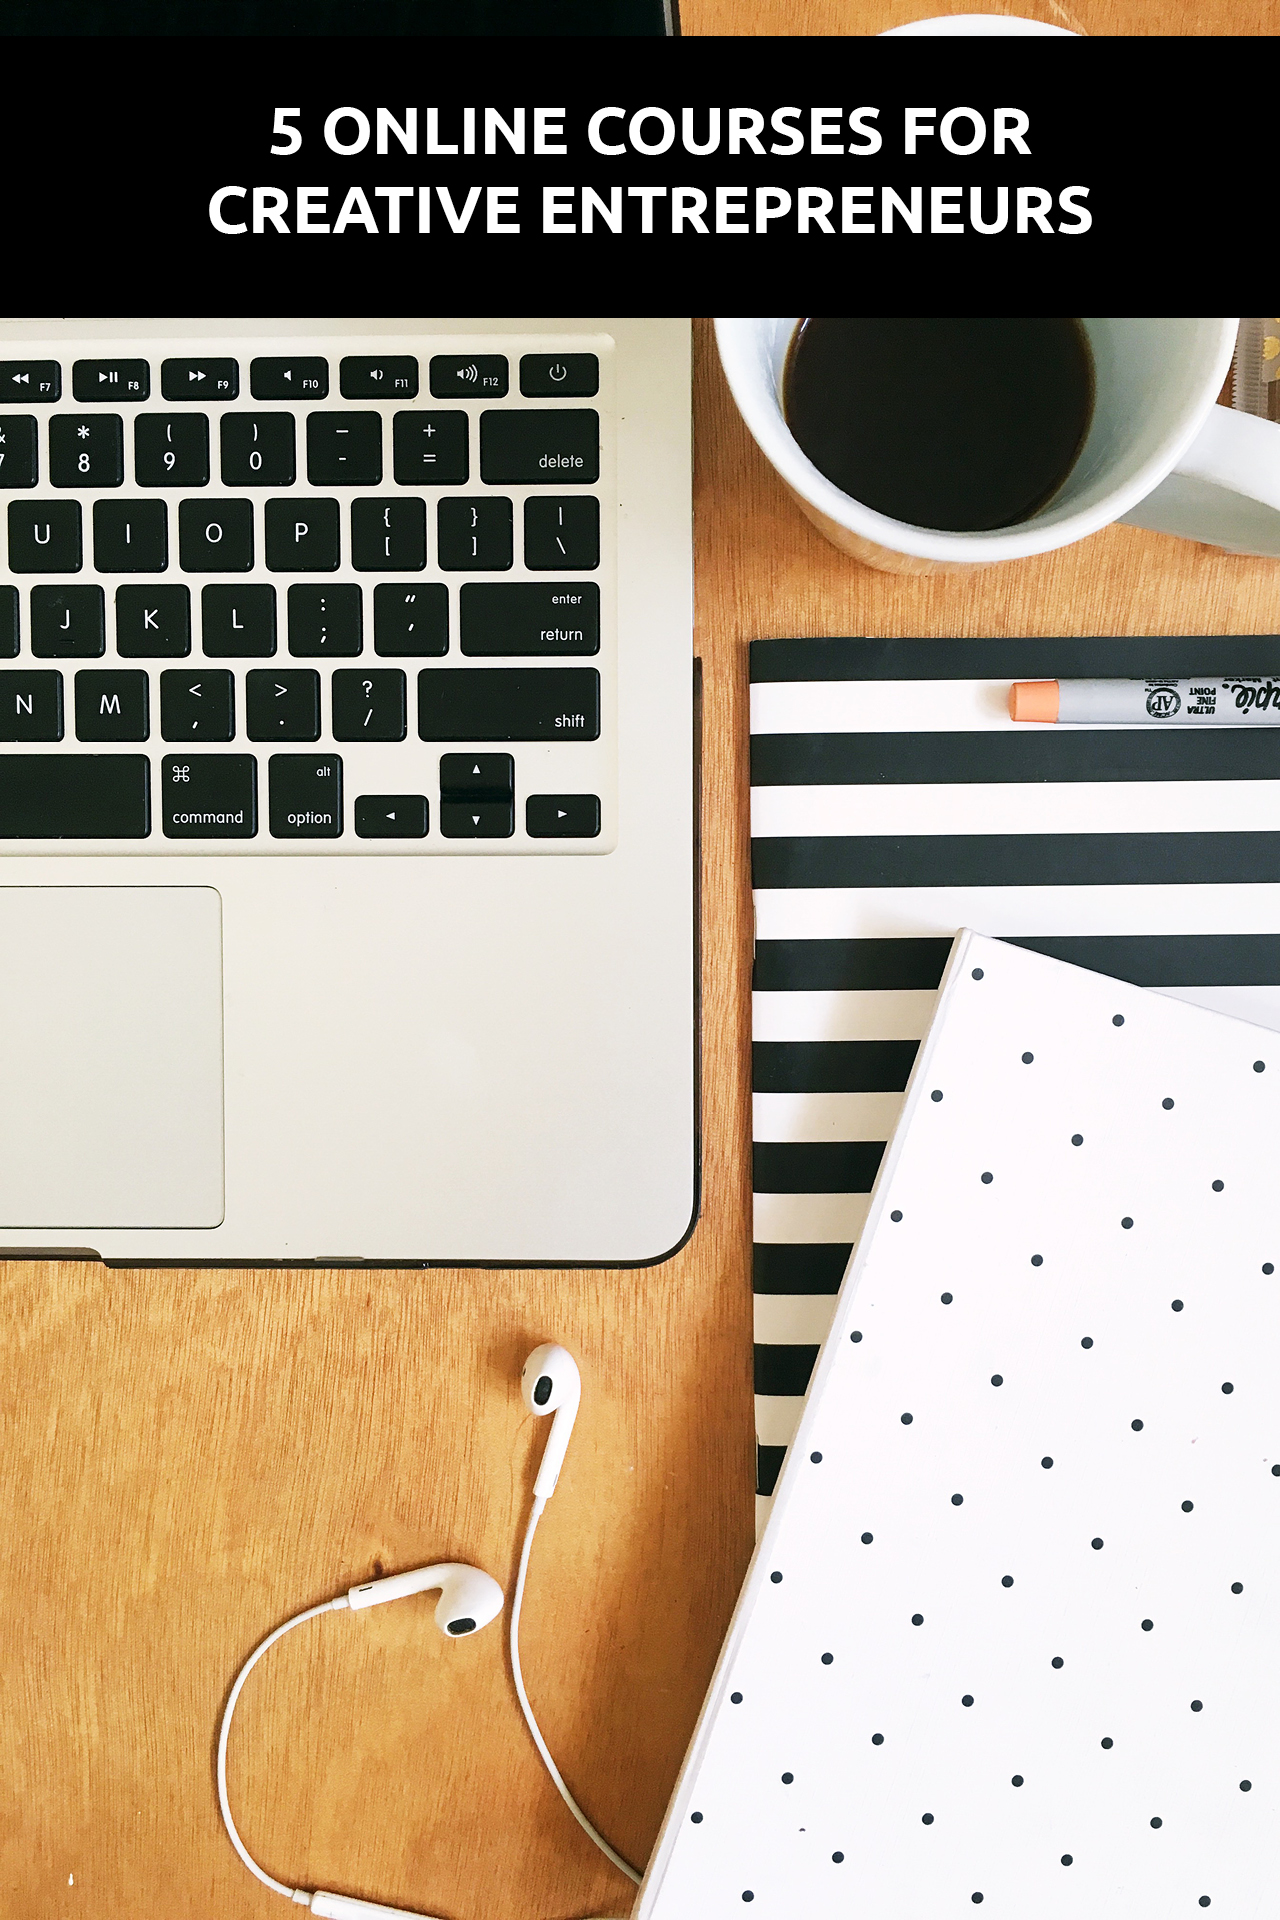 onlines-courses-creative-entrepreneurs